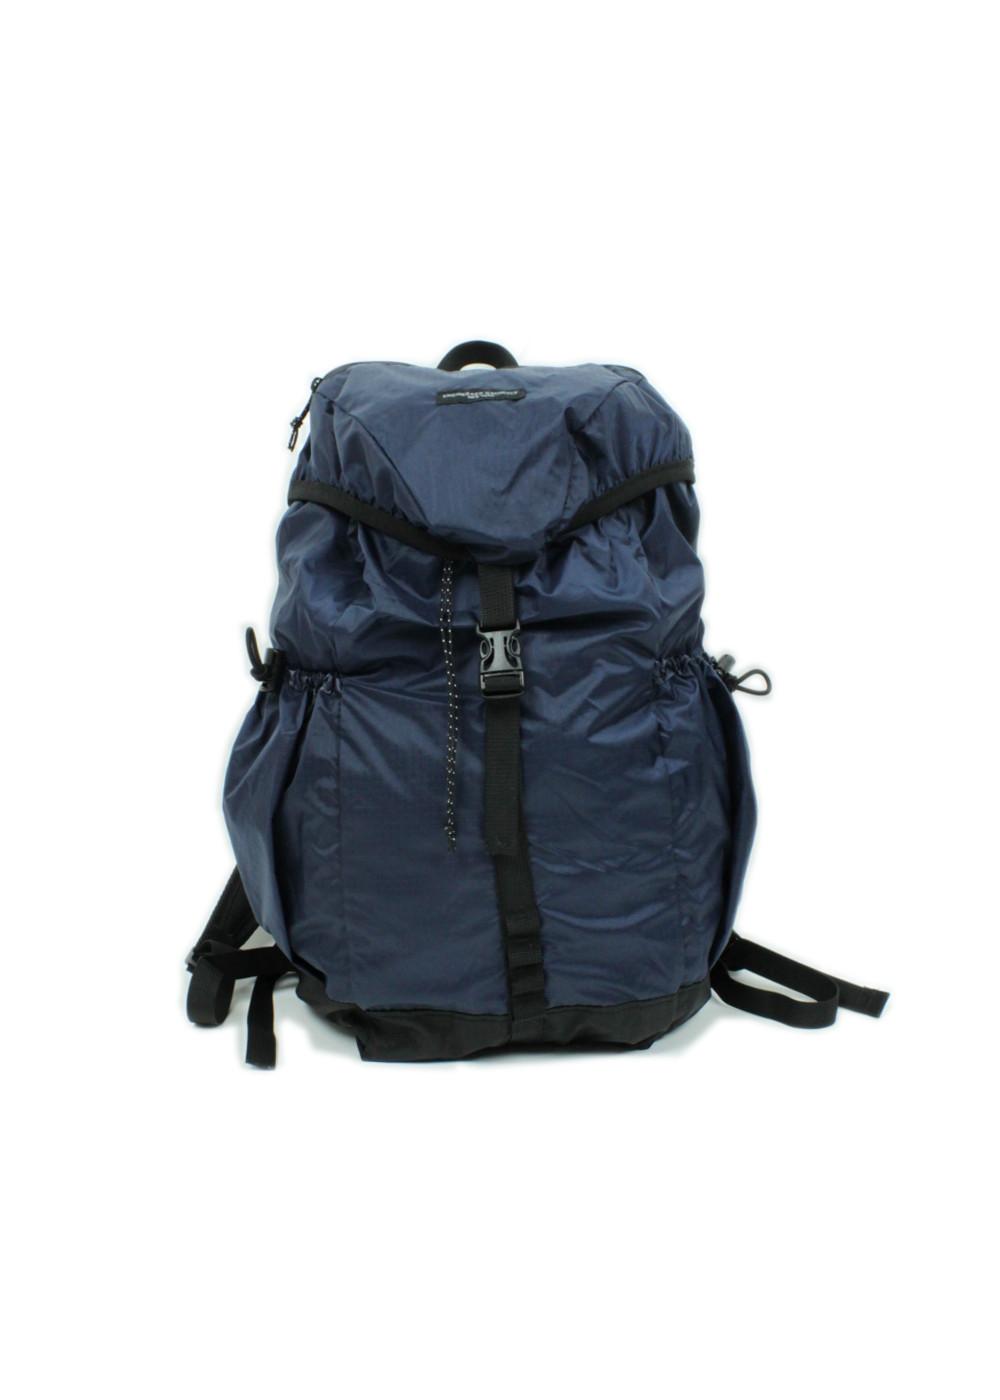 Engineered-Garments-UL-Backpack-Navy-01